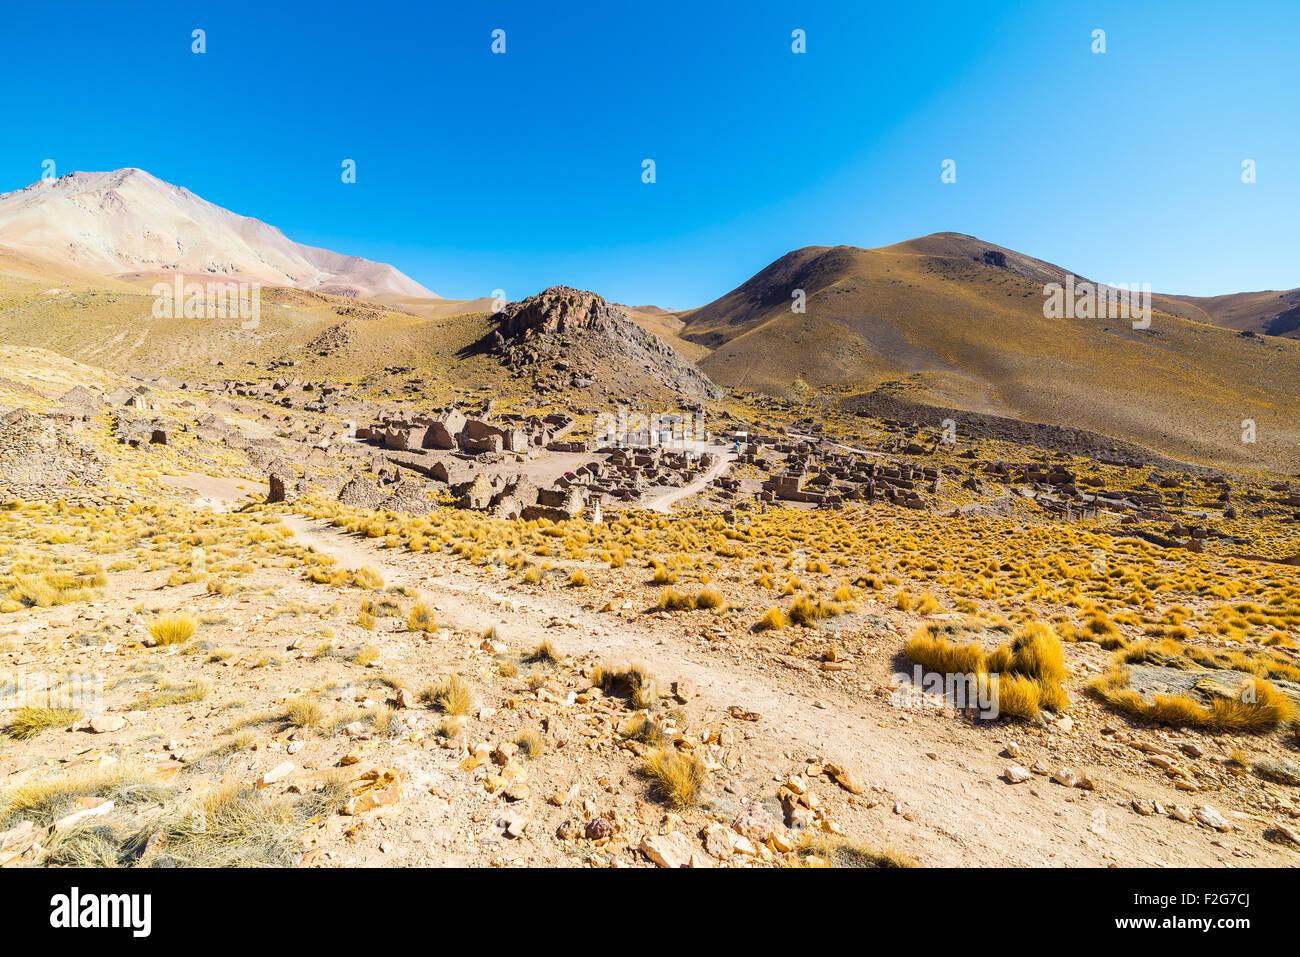 Árido de gran altitud en la cordillera montañosa de los Andes en el camino hacia el famoso Salar de Uyuni, Imagen De Stock